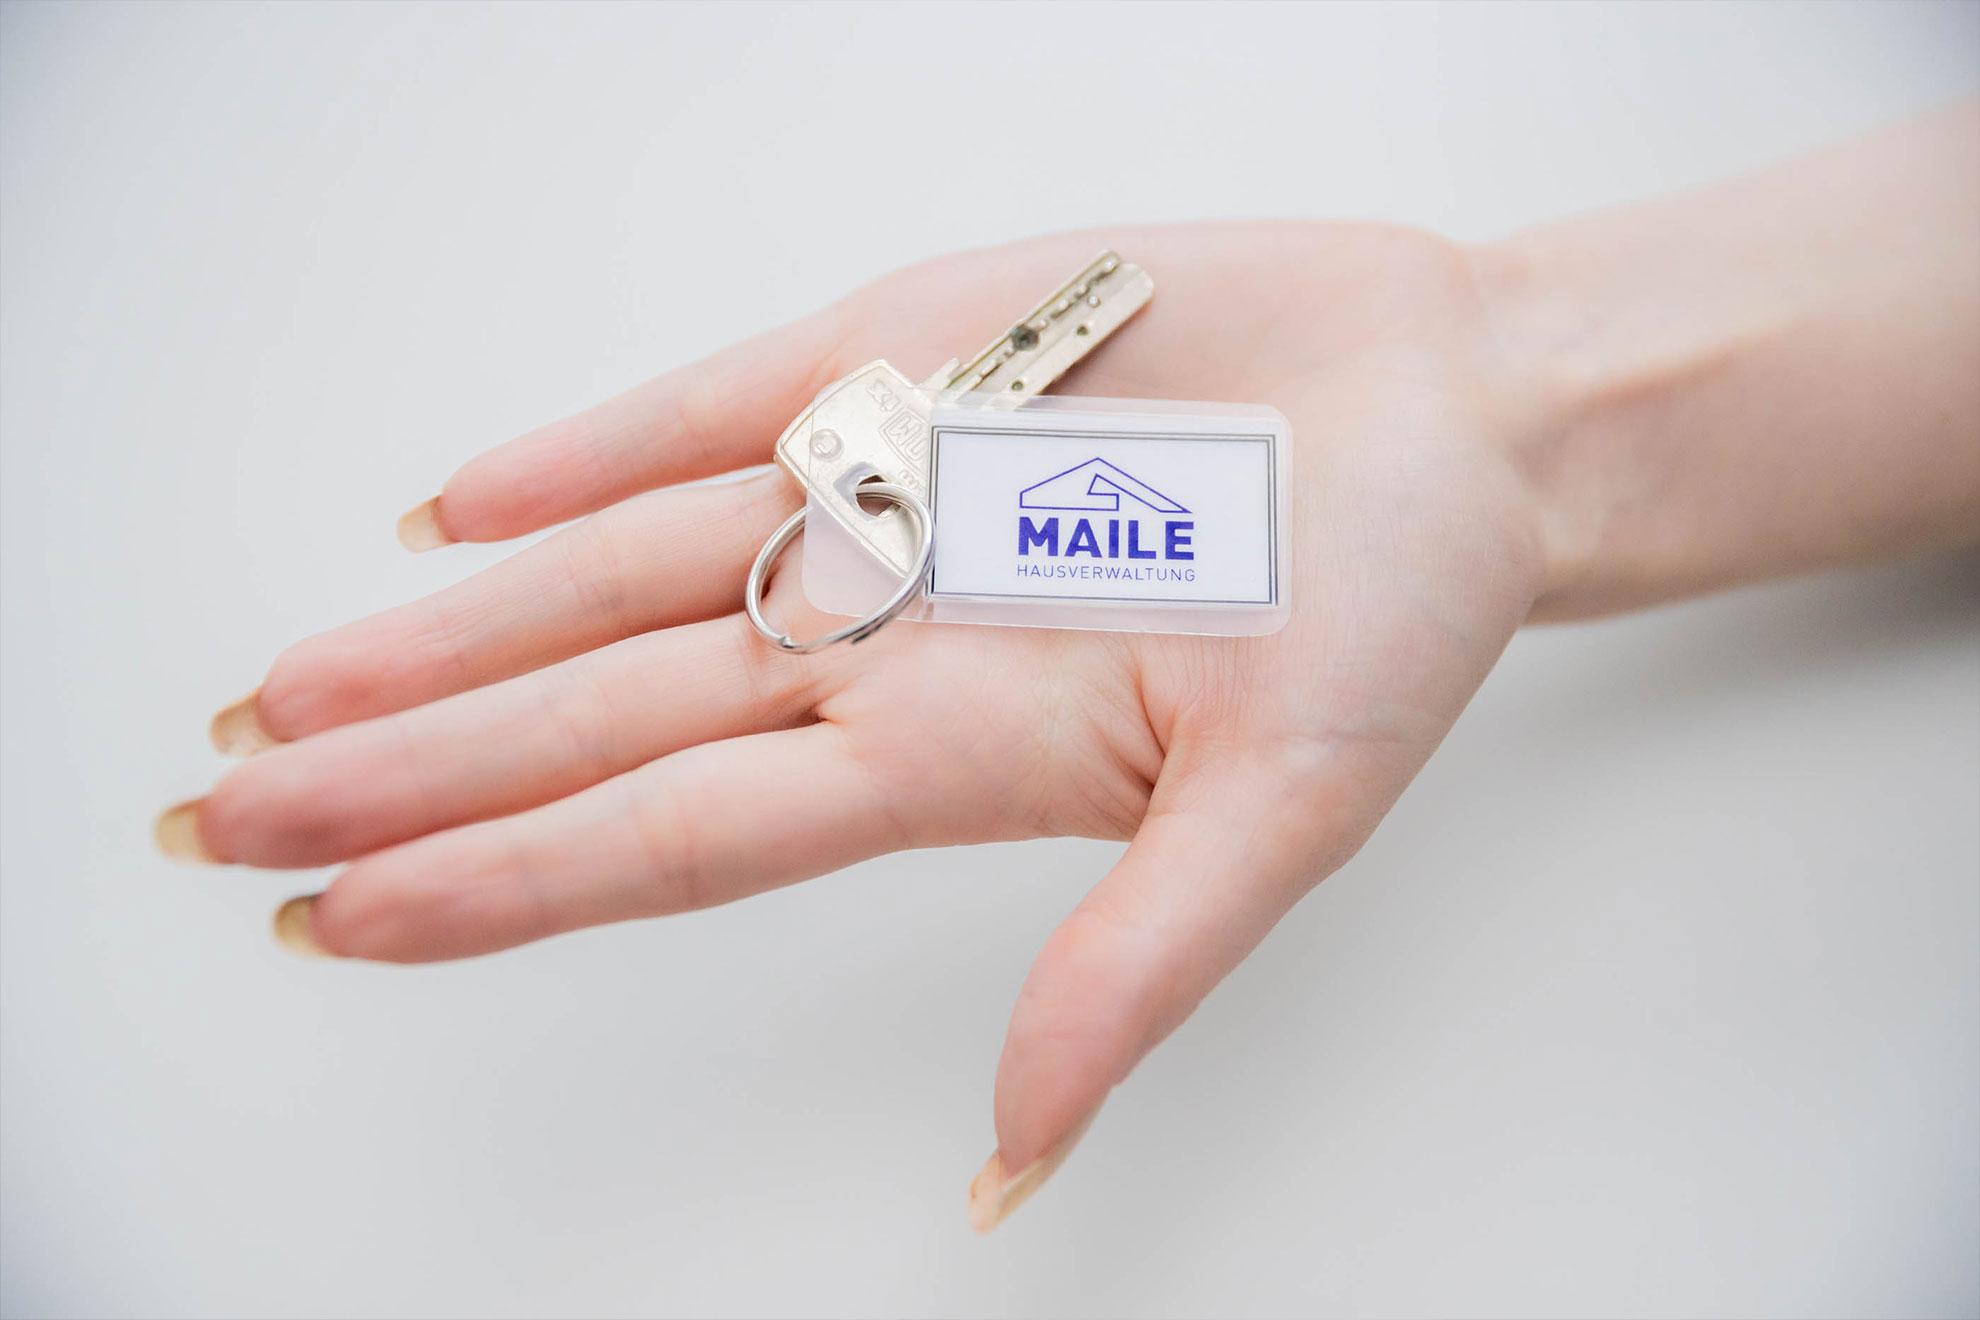 Mietverwaltung Maile Hausverwaltung